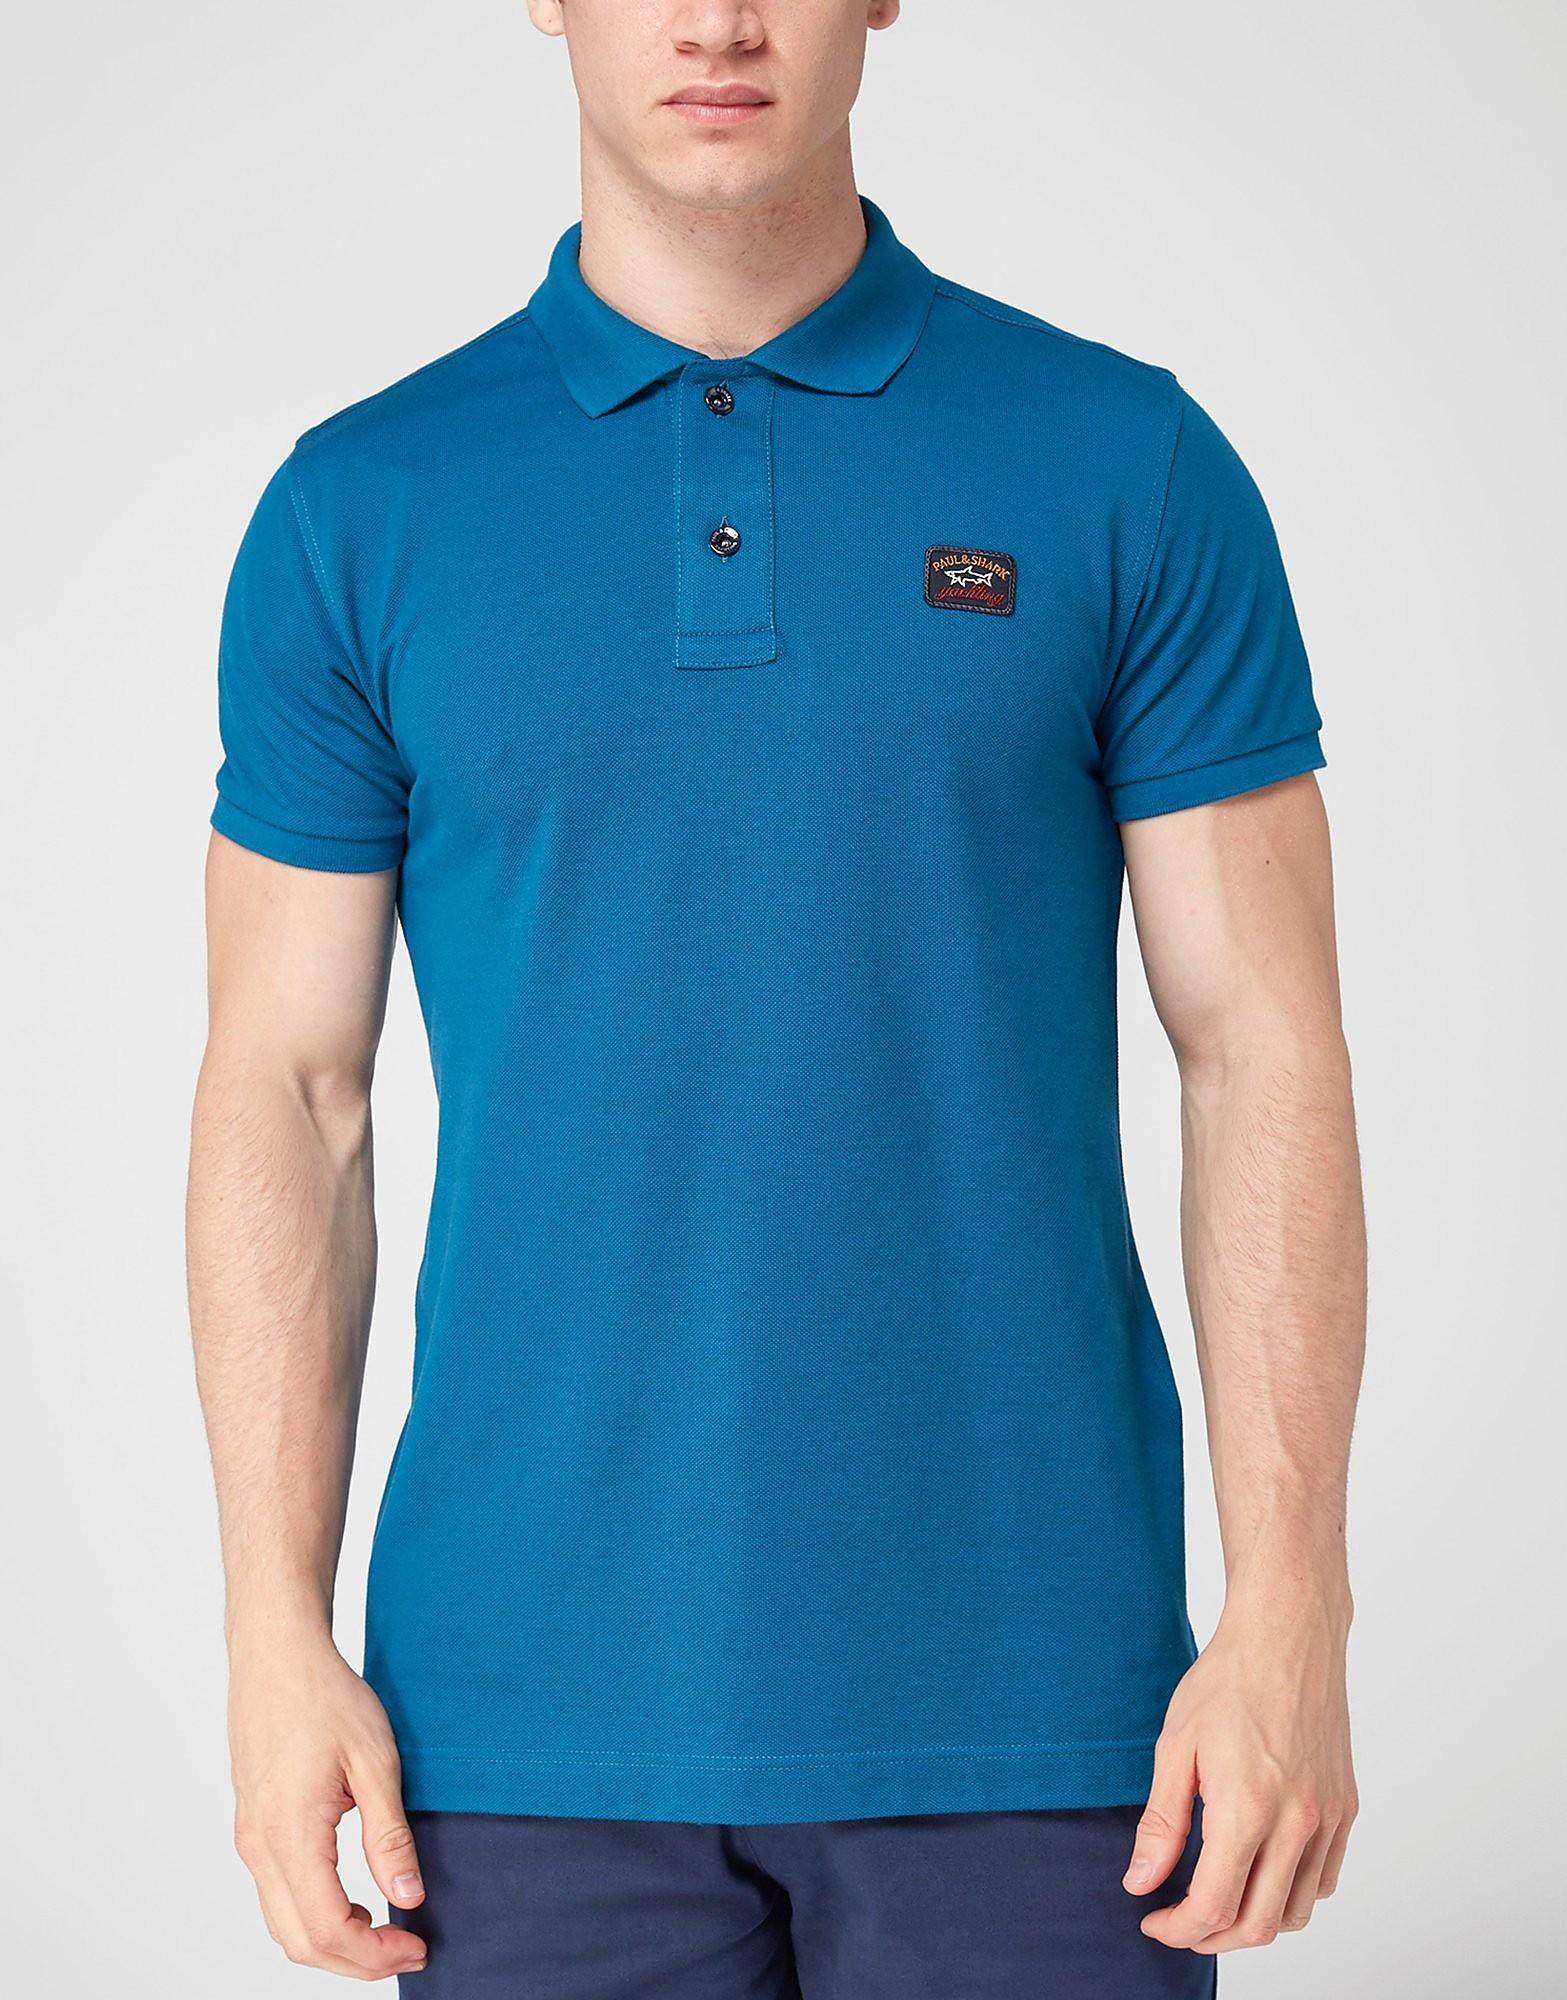 Paul and Shark Pique Polo Shirt